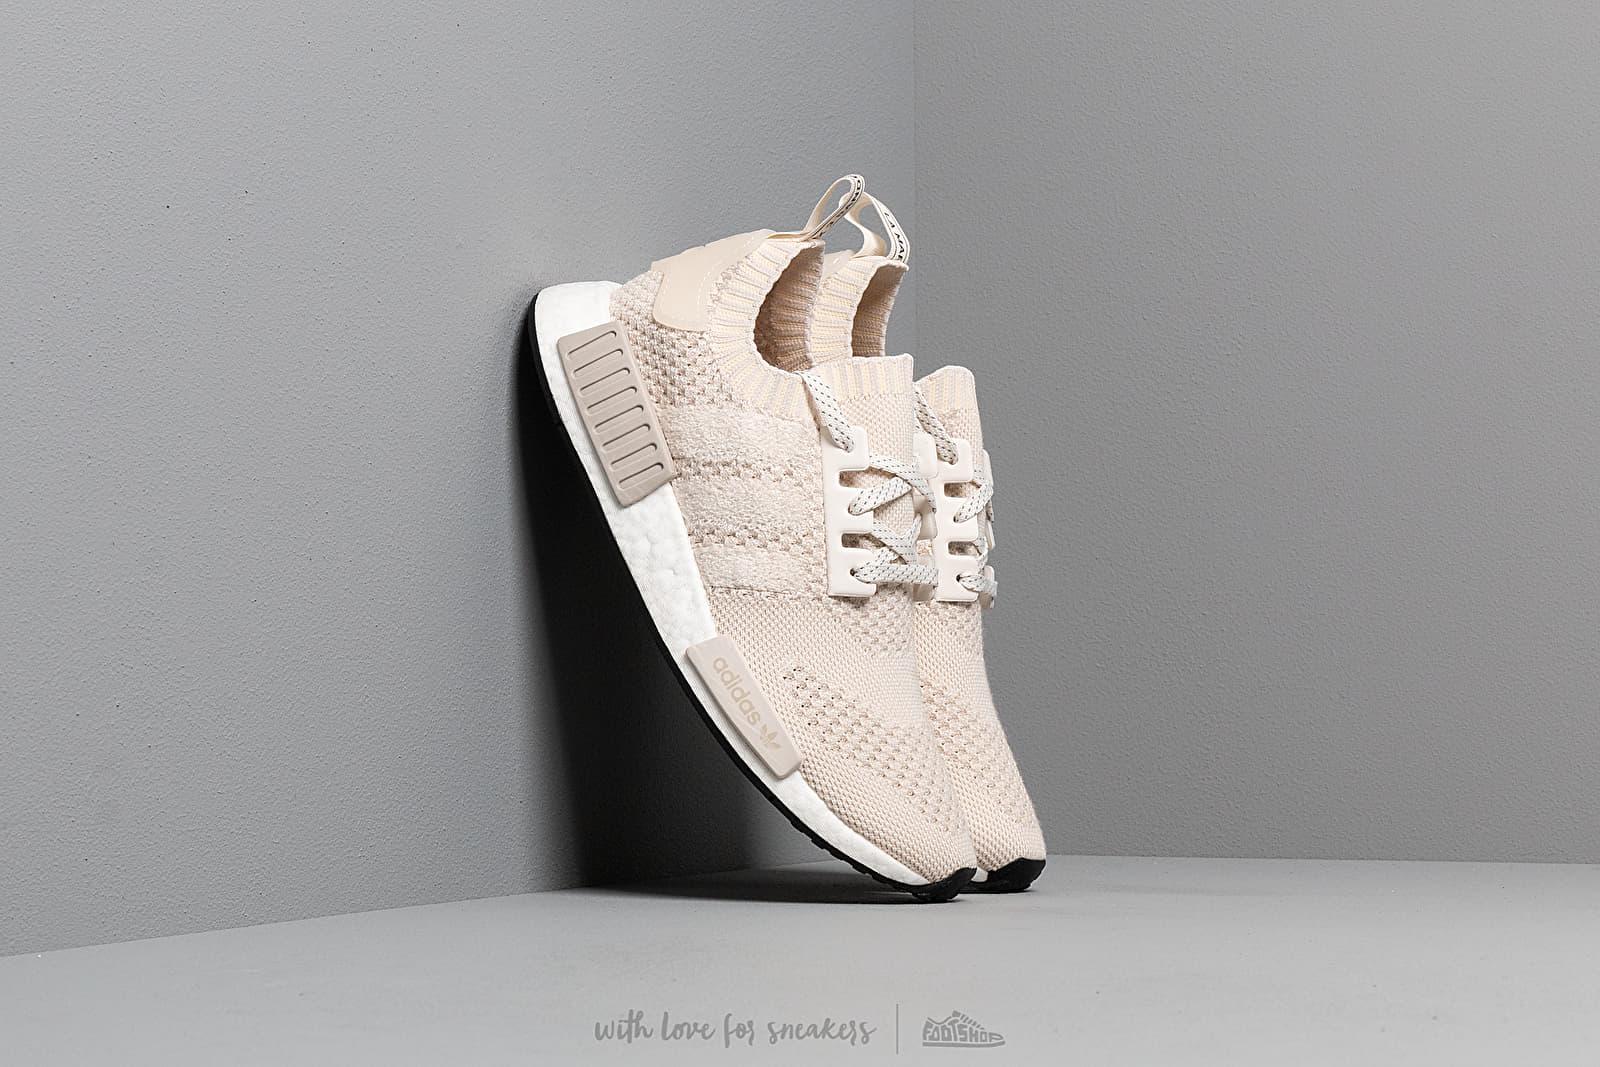 Zapatillas Hombre adidas NMD_R1 Primeknit Core White/ Core White/ Raw White